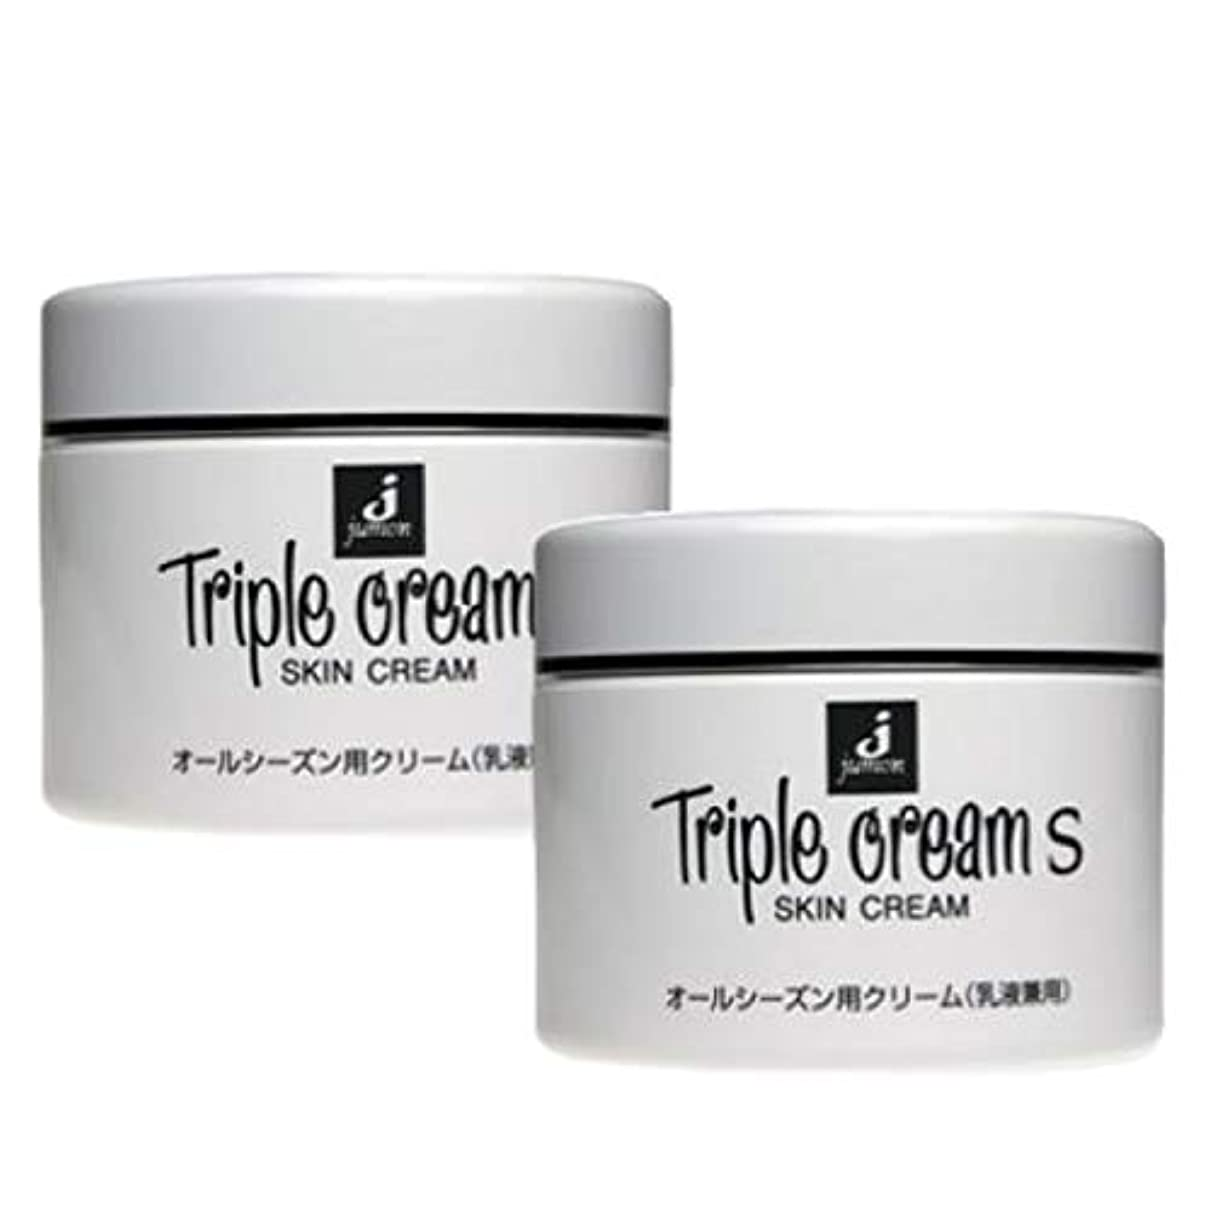 コインランドリースラダムスパイラルジュモン化粧品 トリプルクリームS 215g(2個セット)